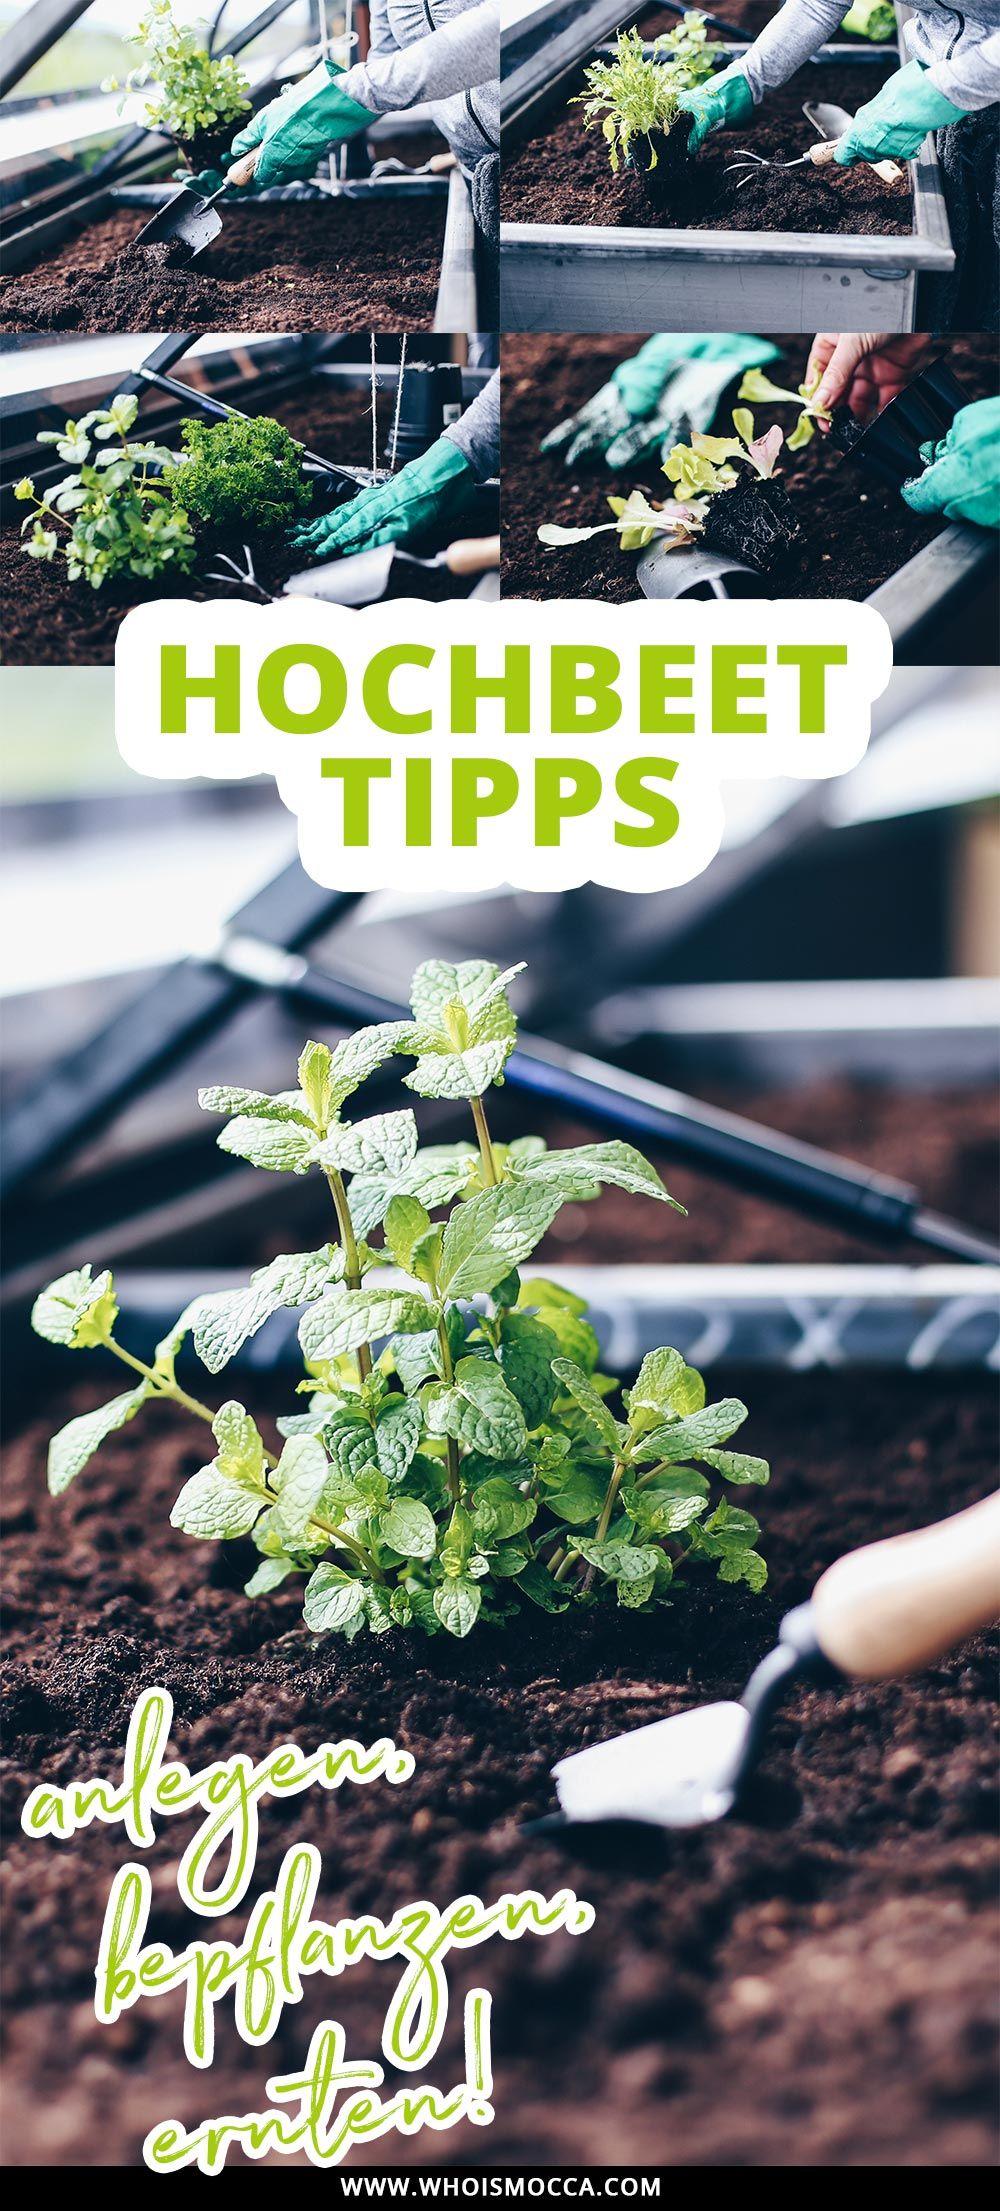 Hochbeet Tipps Anlegen Bepflanzen Und Leckeres Gemuse Ernten Hochbeet Hochbeet Bepflanzen Hochbeet Anlegen